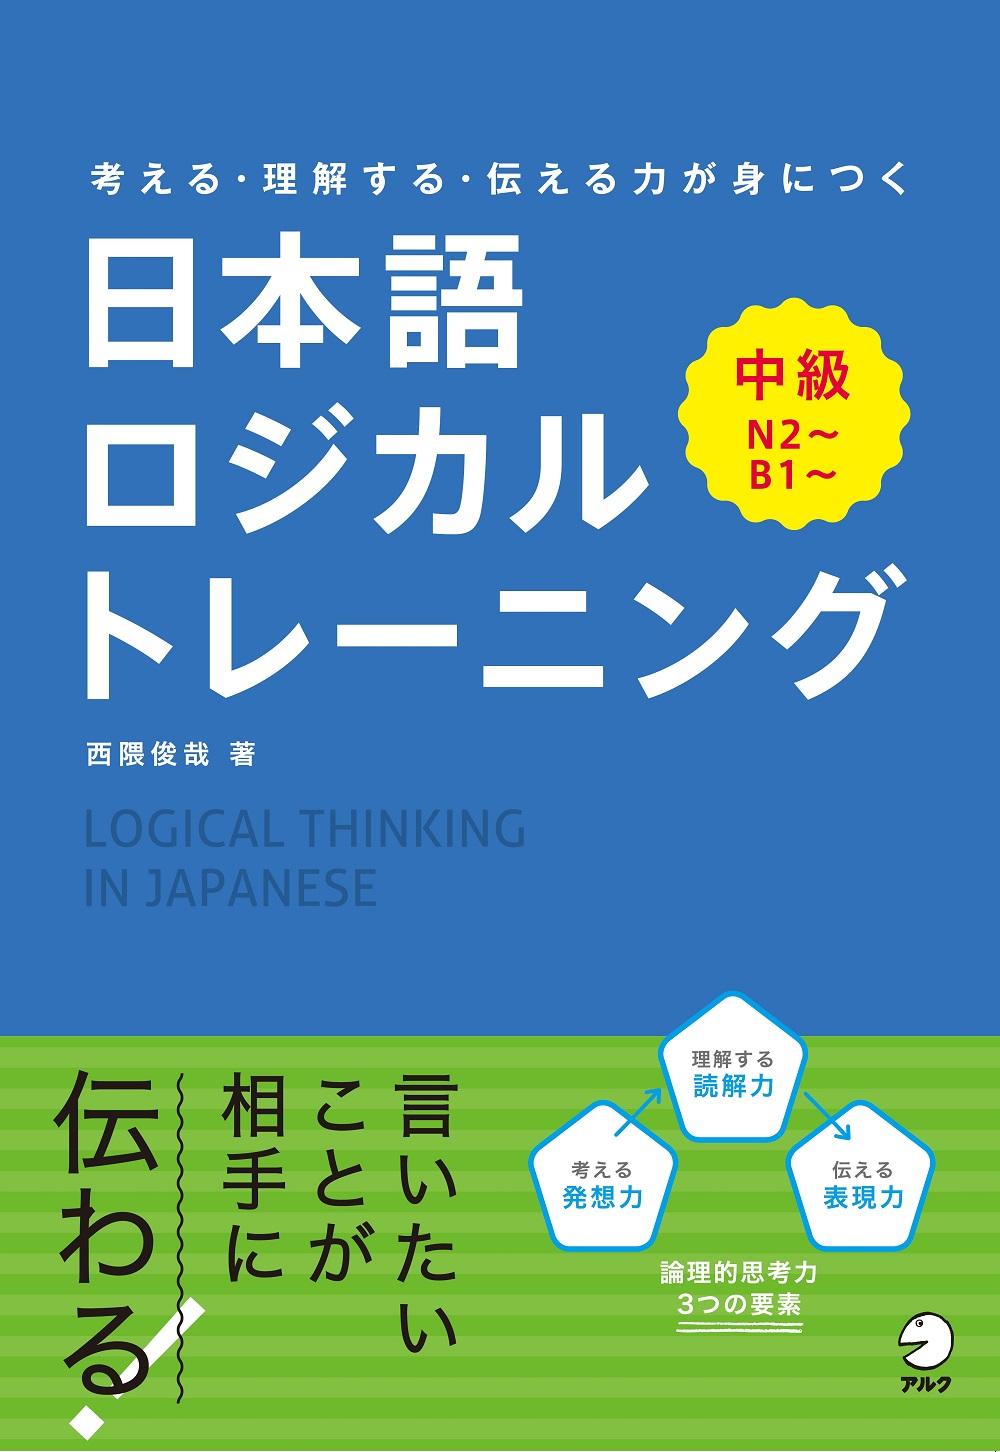 考える・理解する・伝える力が身につく 日本語ロジカルトレーニング 中級画像